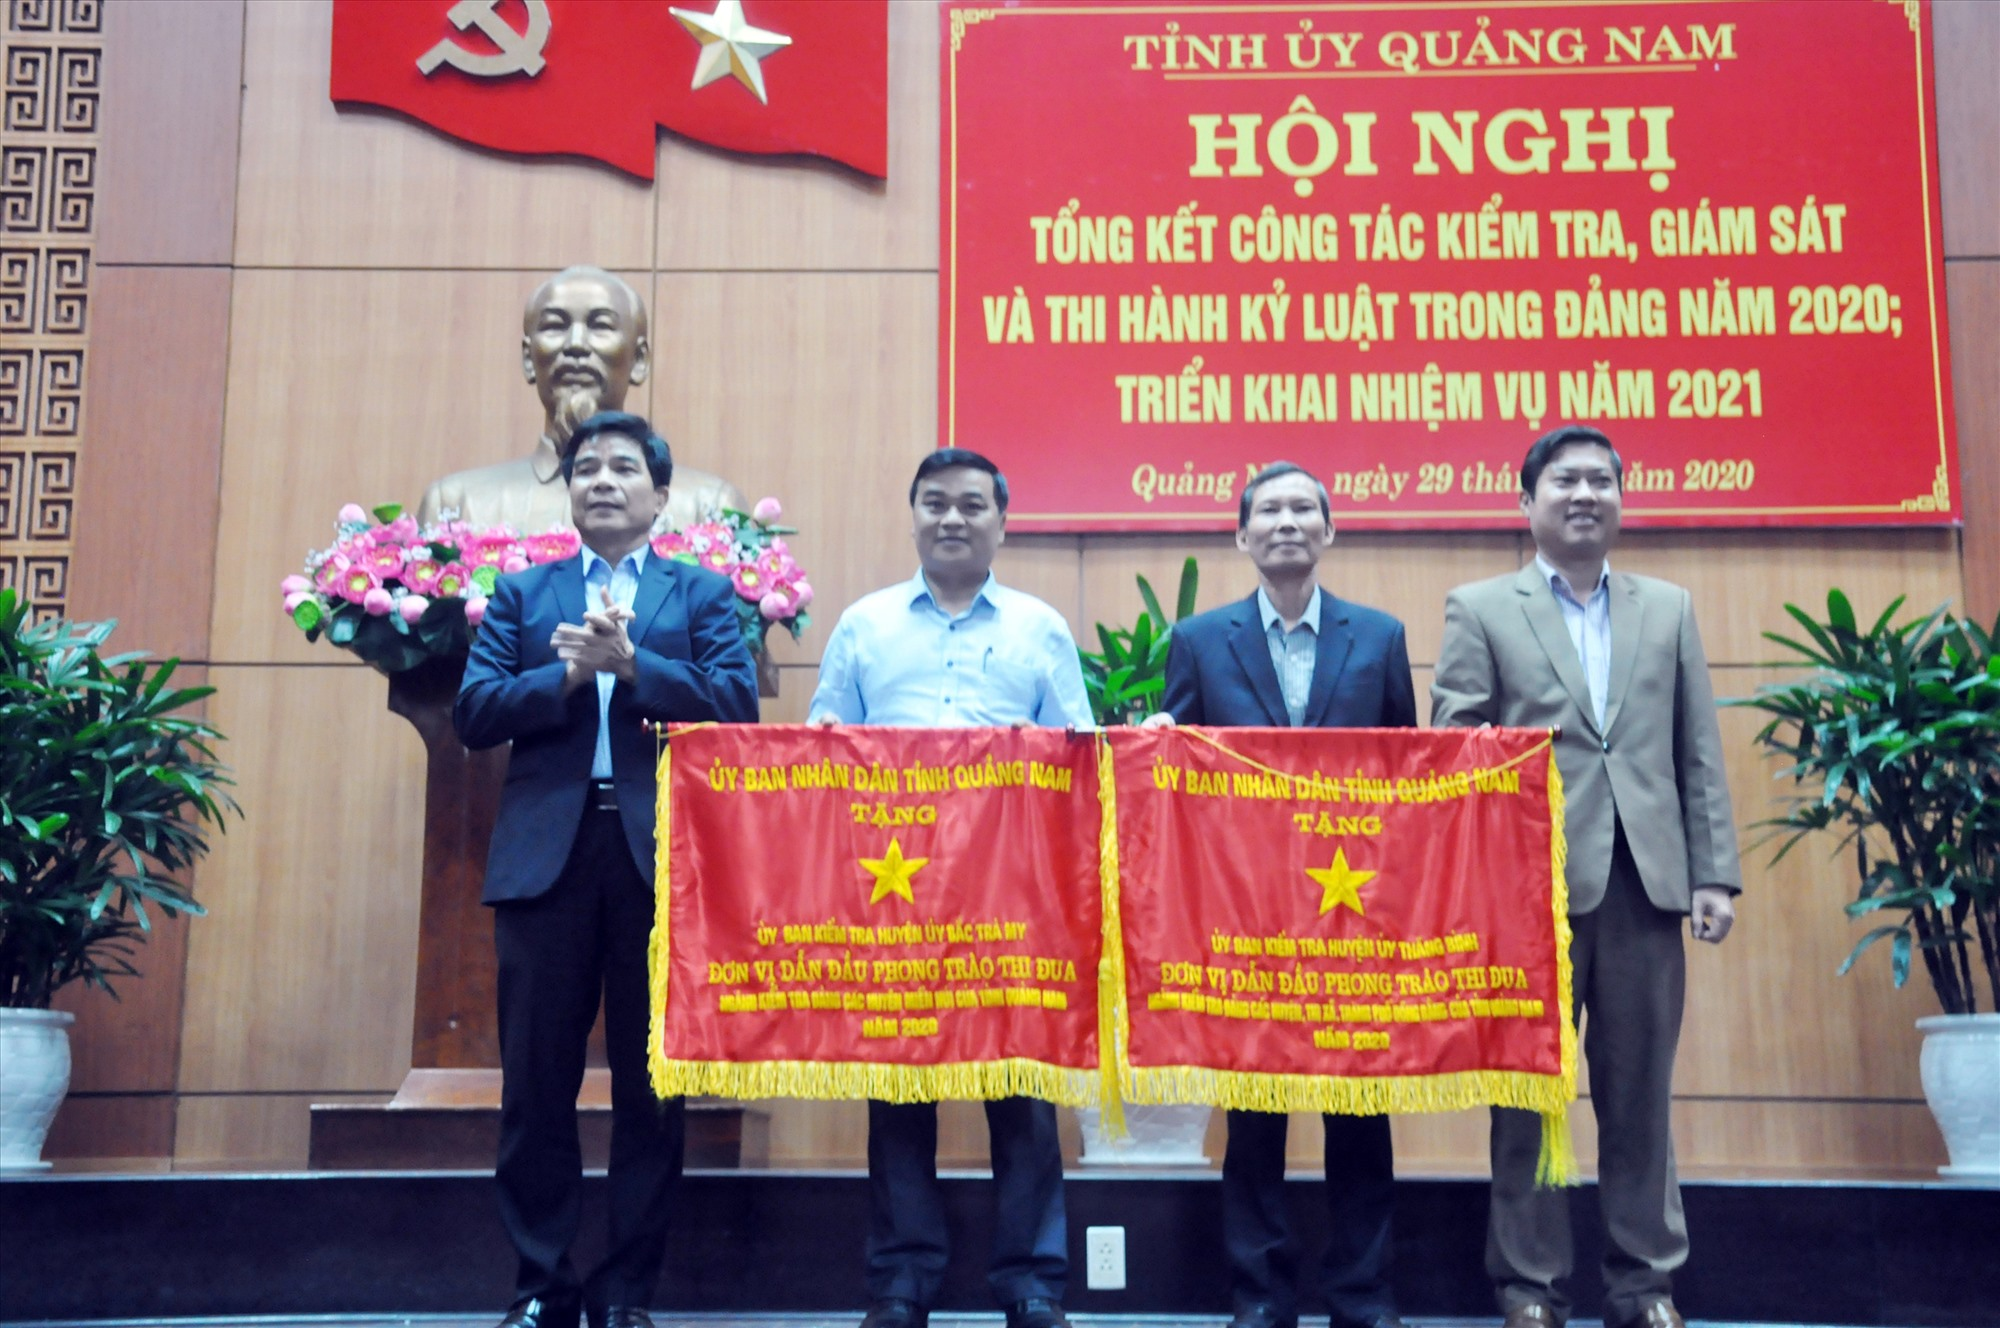 Lãnh đạo tỉnh trao tặng Cờ thi đua xuất sắc của UBND tỉnh năm 2020 cho UBKT Huyện ủy Thăng Bình và UBKT Huyện ủy Bắc Trà My. Ảnh: N.Đ